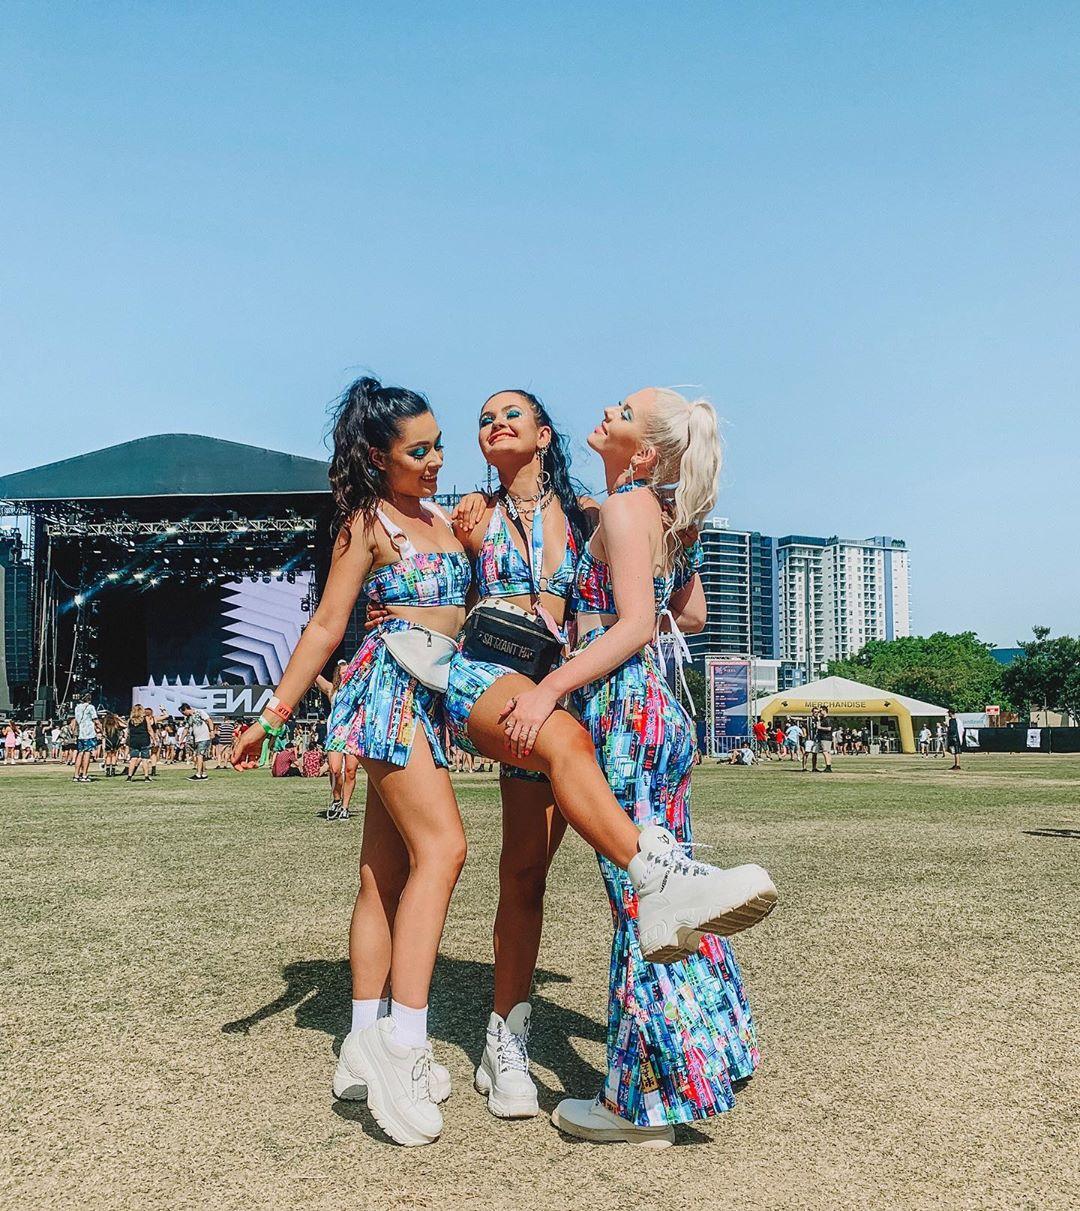 Посетители музыкального «Festival X» в Сиднее